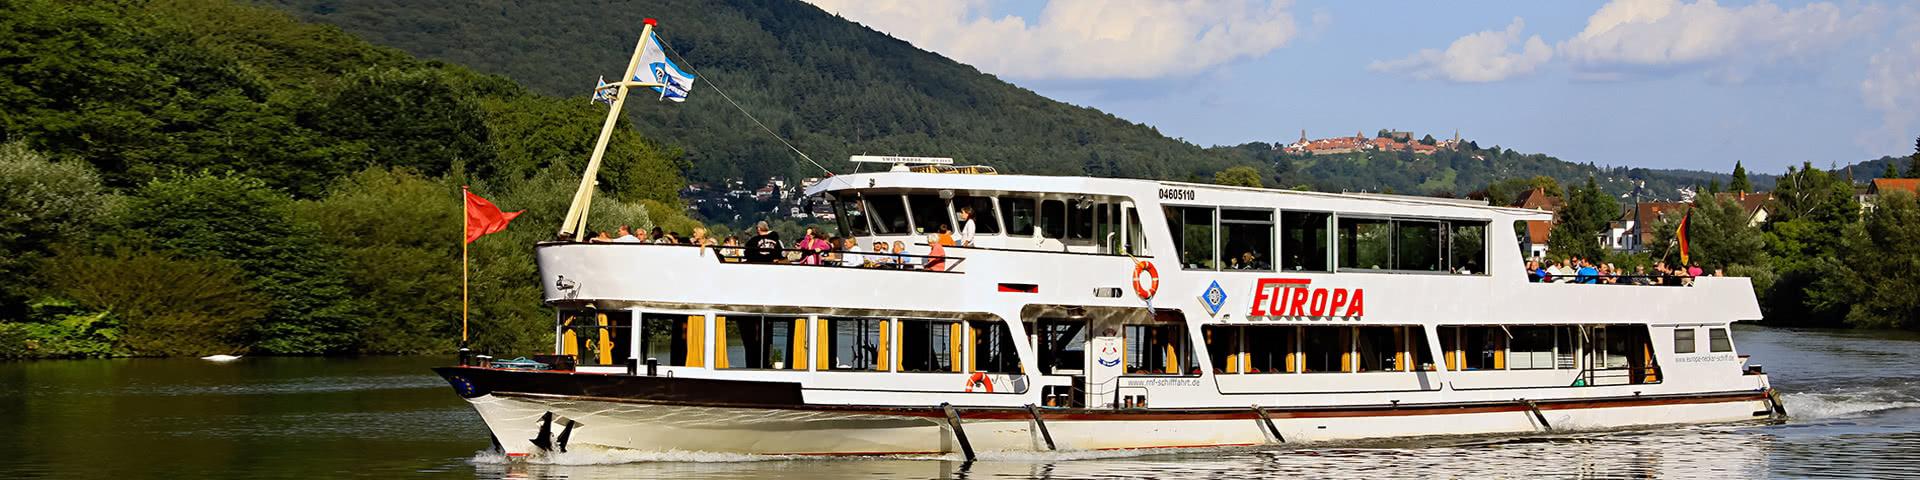 Passagierschiff auf dem Neckar in Heidelberg